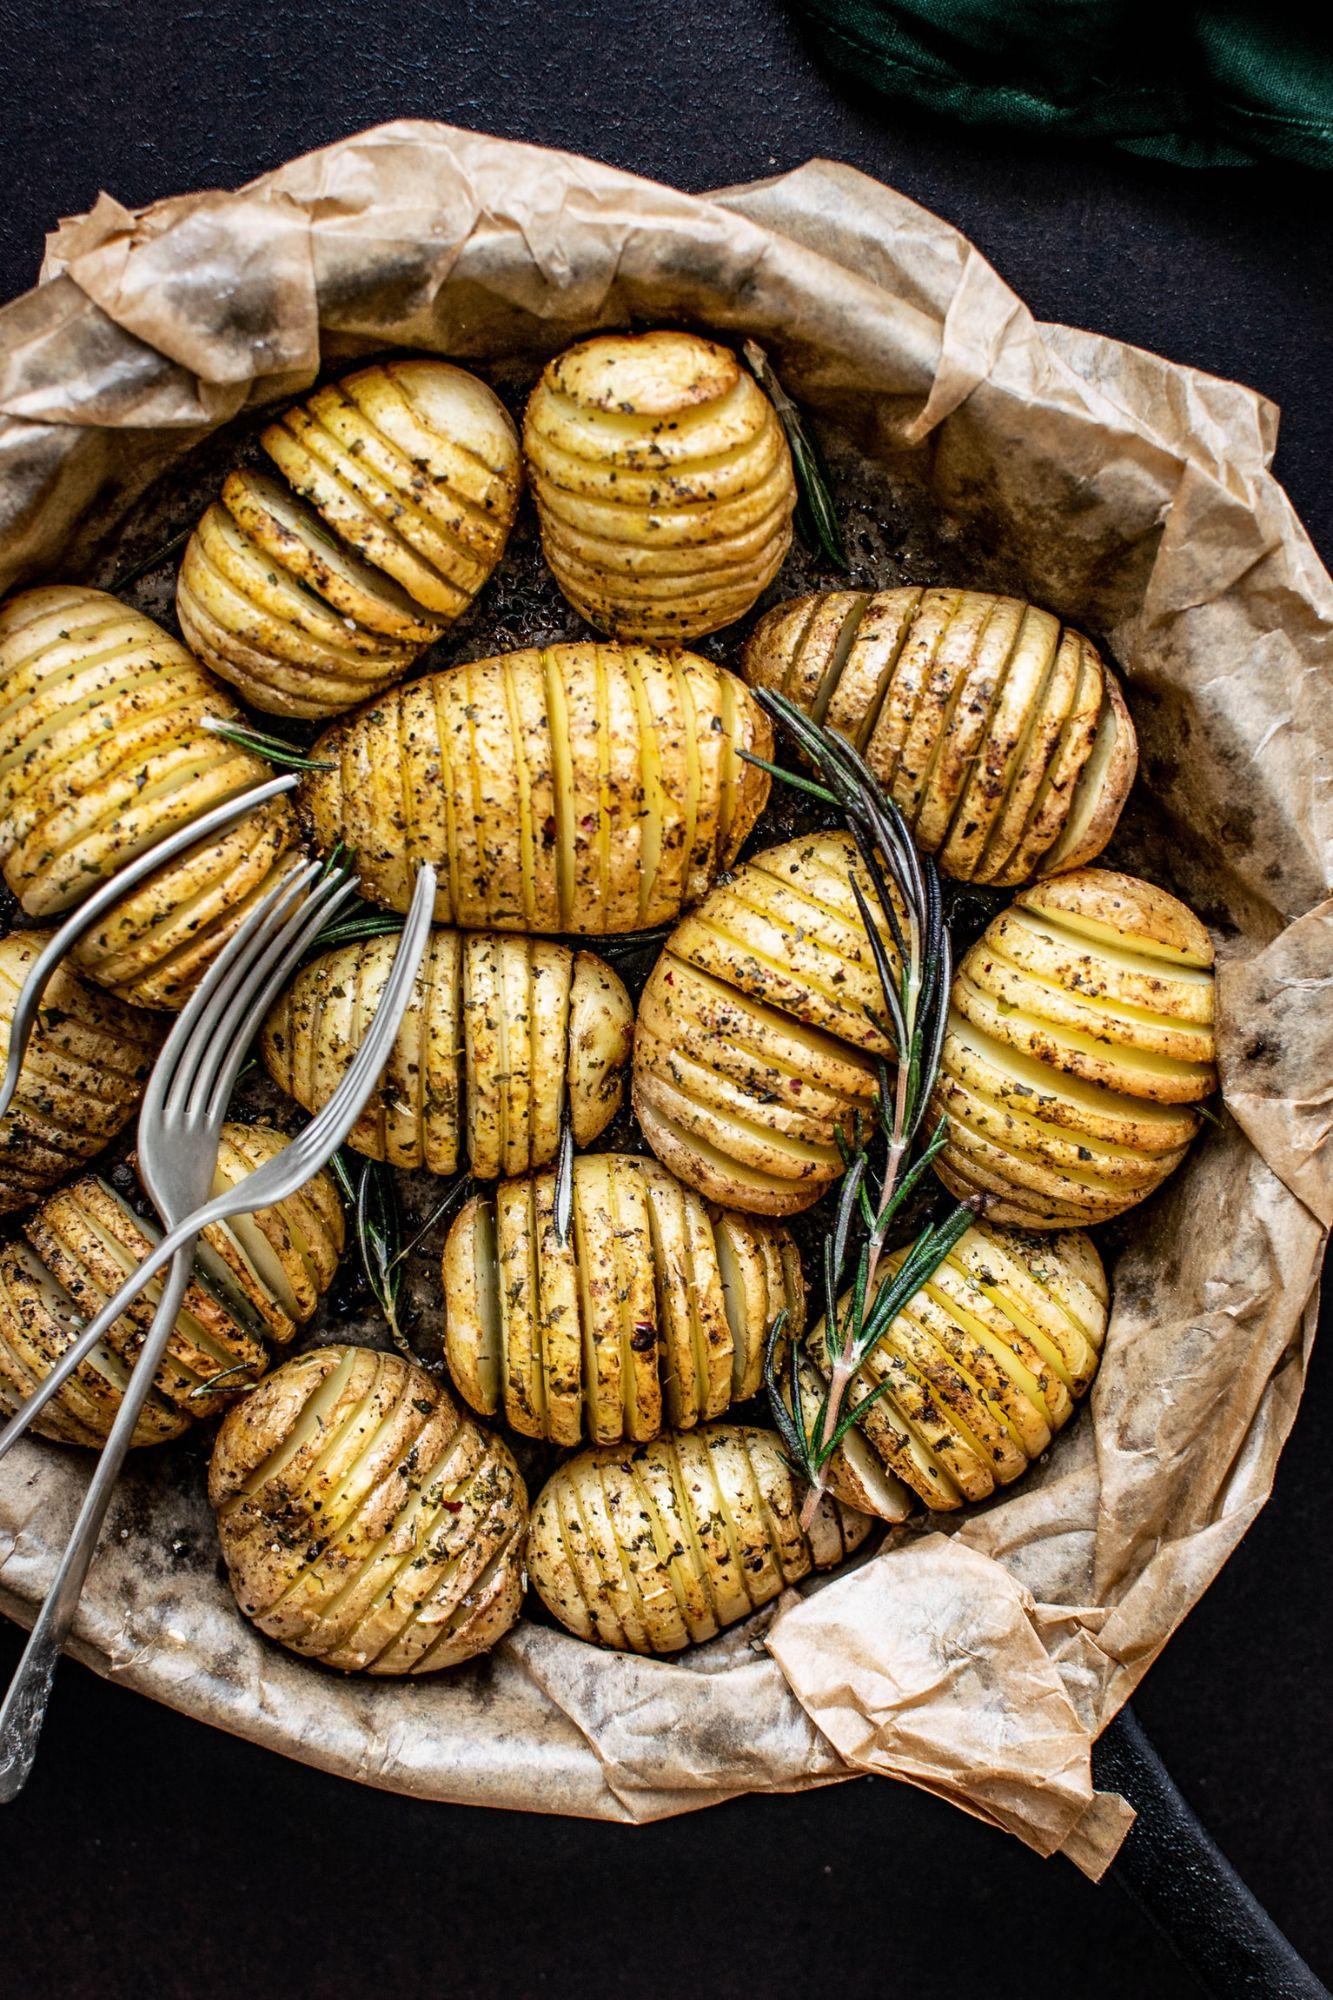 Rosemary and Garlic Hasselback Potatoes